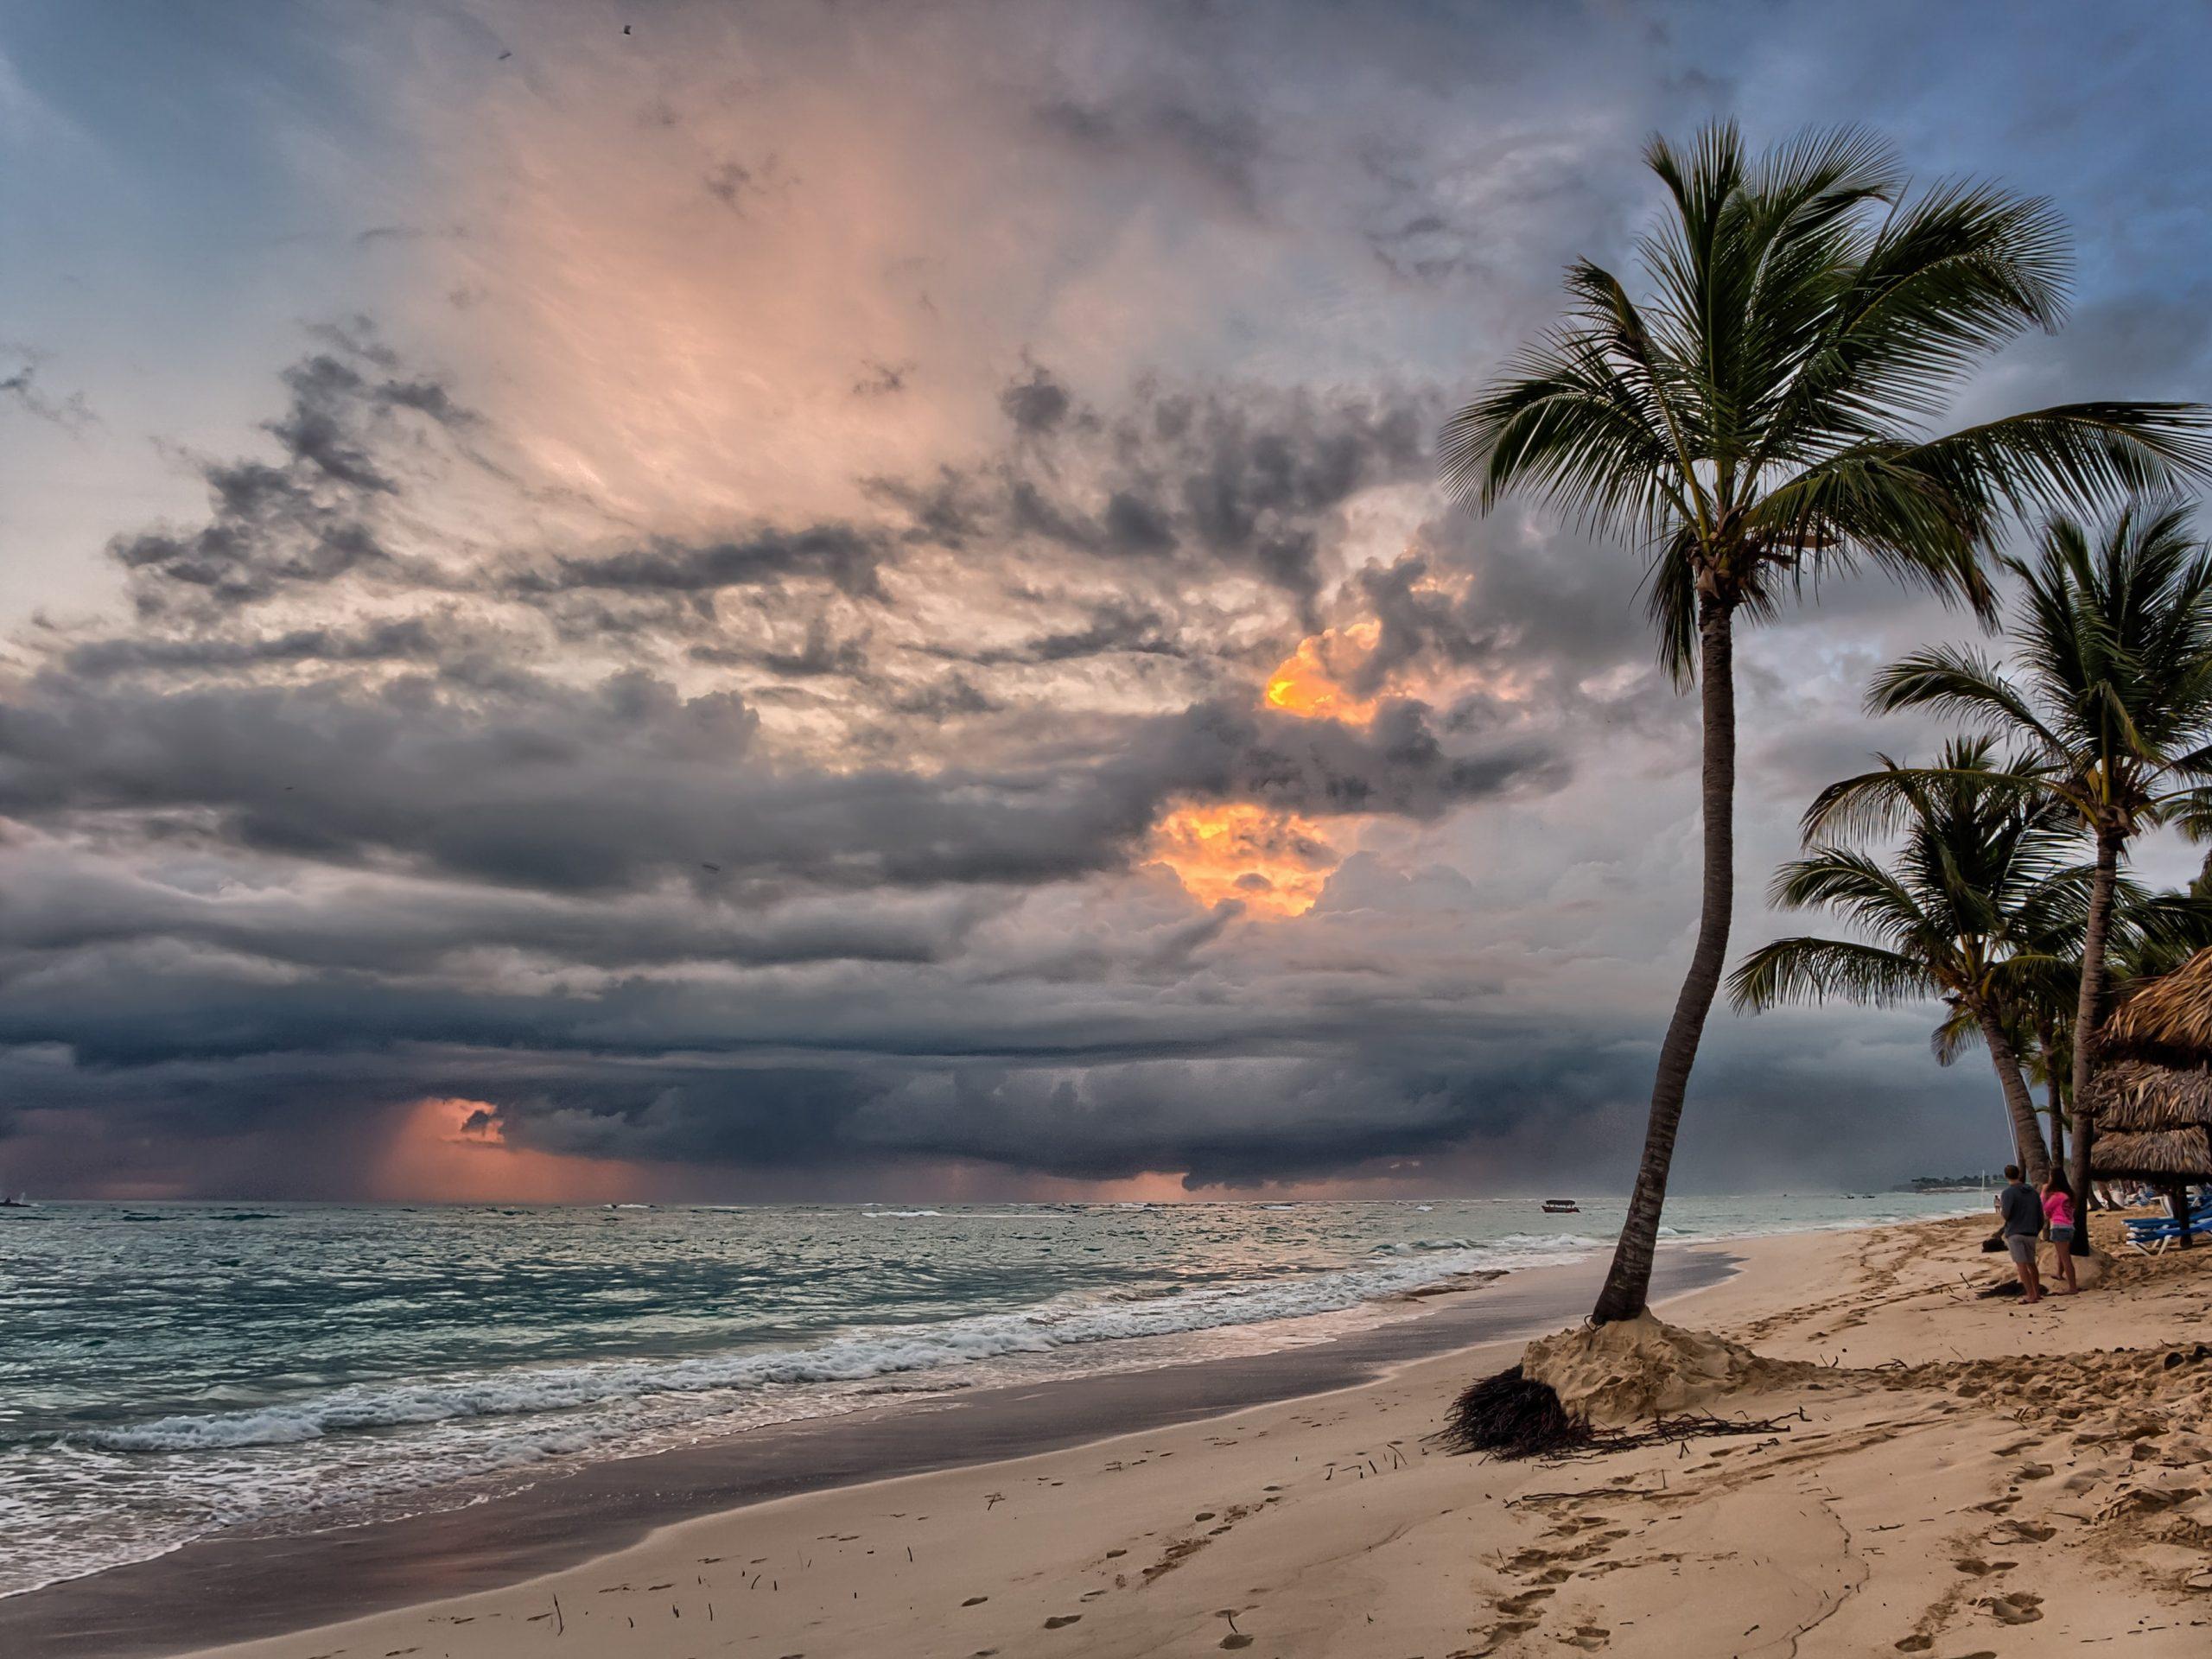 melhores lugares para viajar na América Latina: Punta Cana